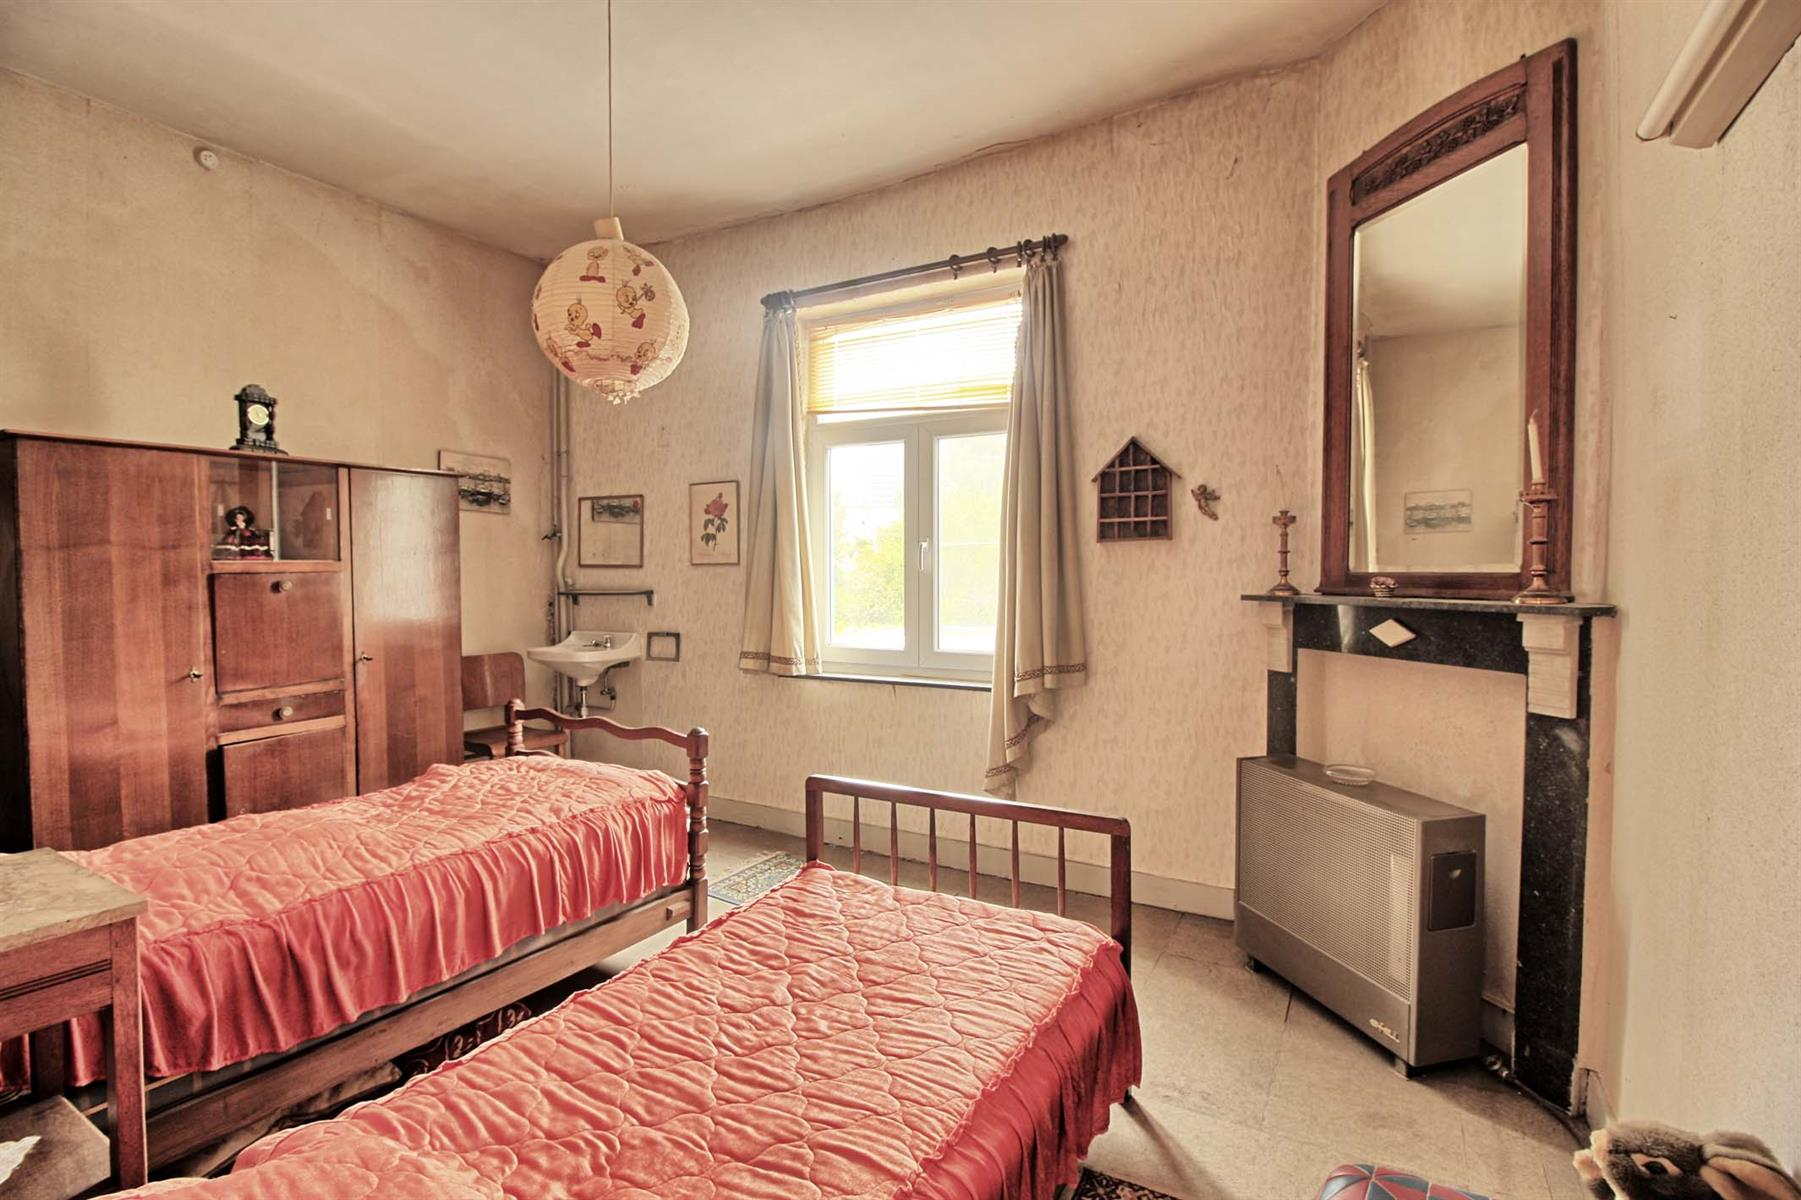 Maison unifamiliale - Woluwe-Saint-Lambert - #4106876-8